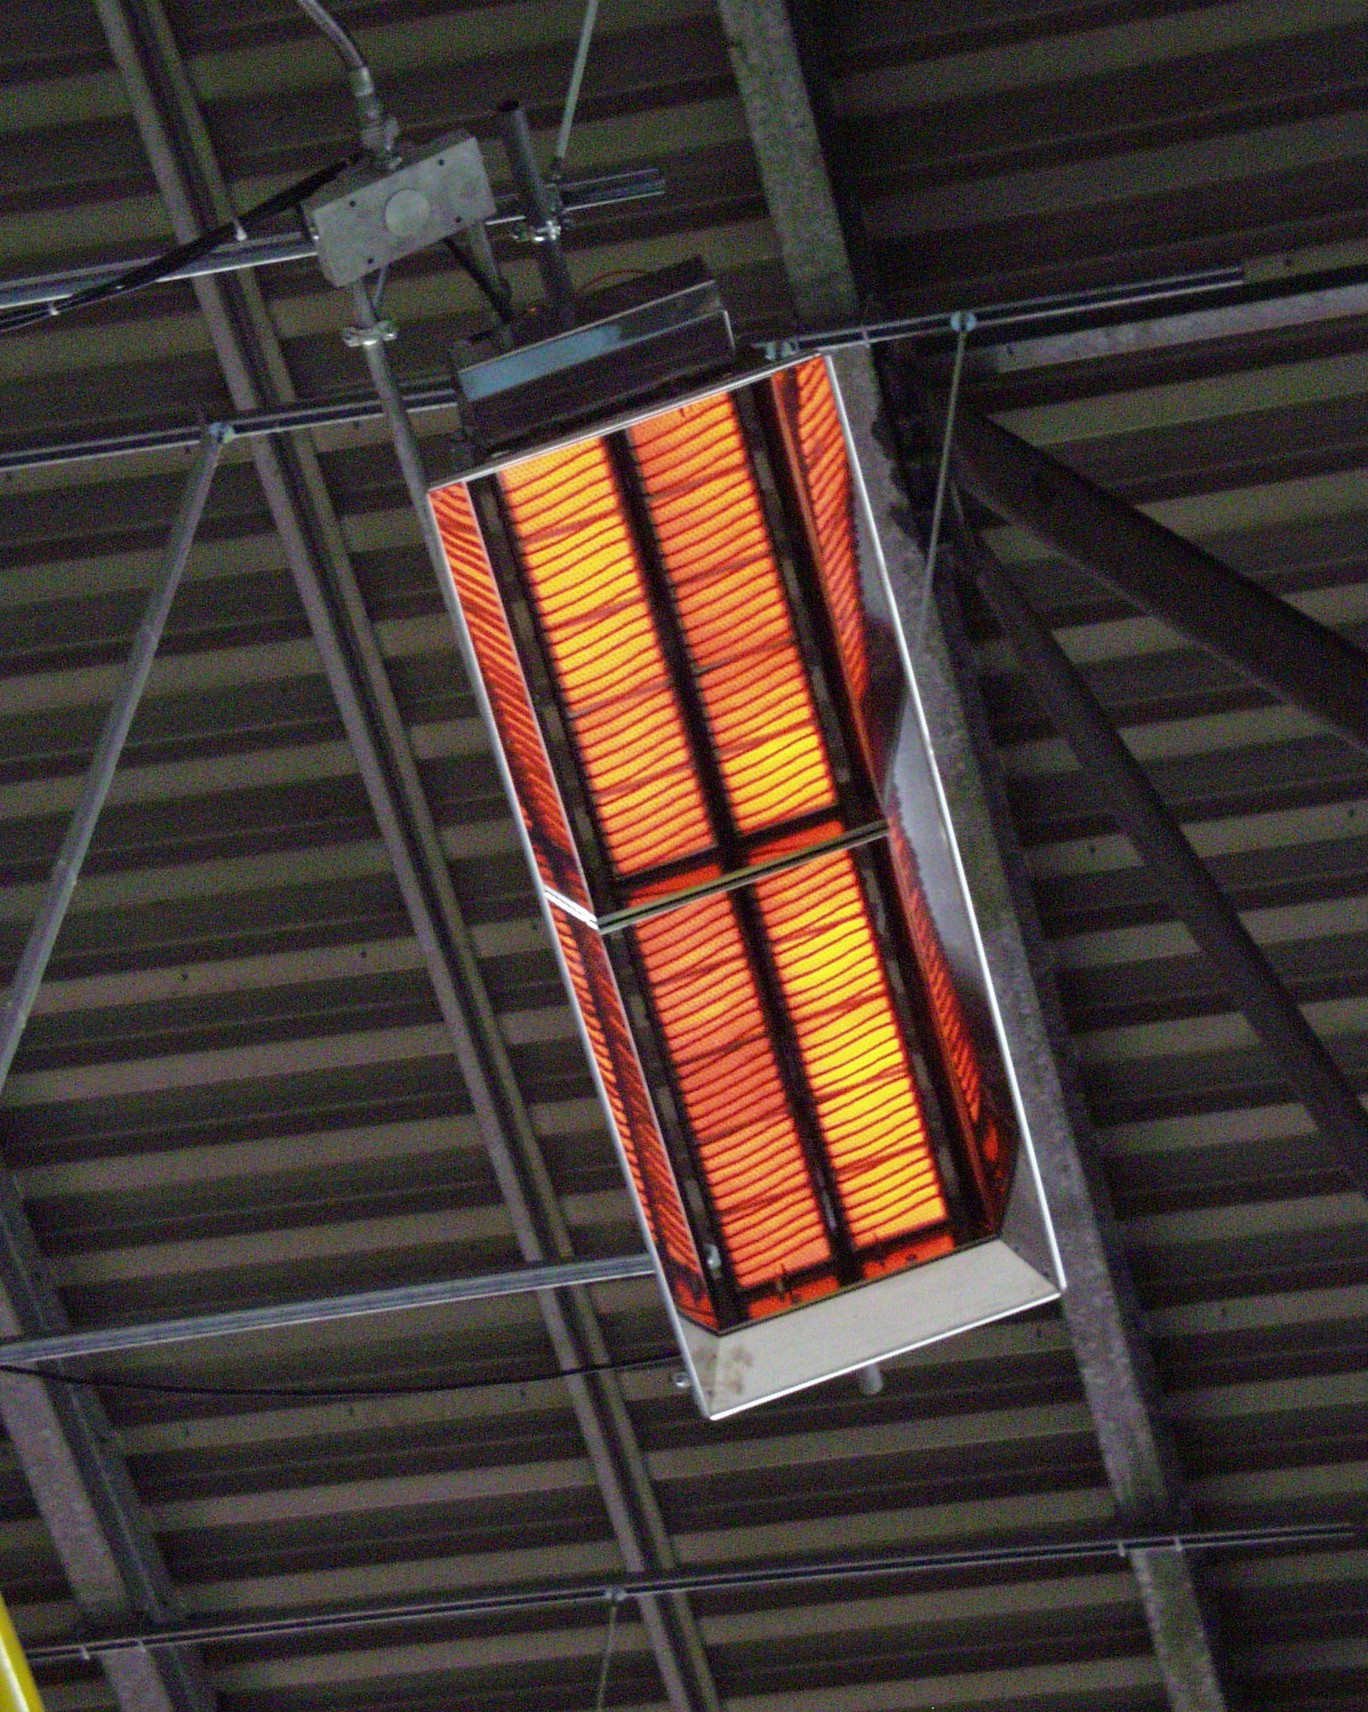 Инфракрасные обогреватели промышленные: как выбрать наиболее эффективный   быстровозводимое строительство - информационный портал